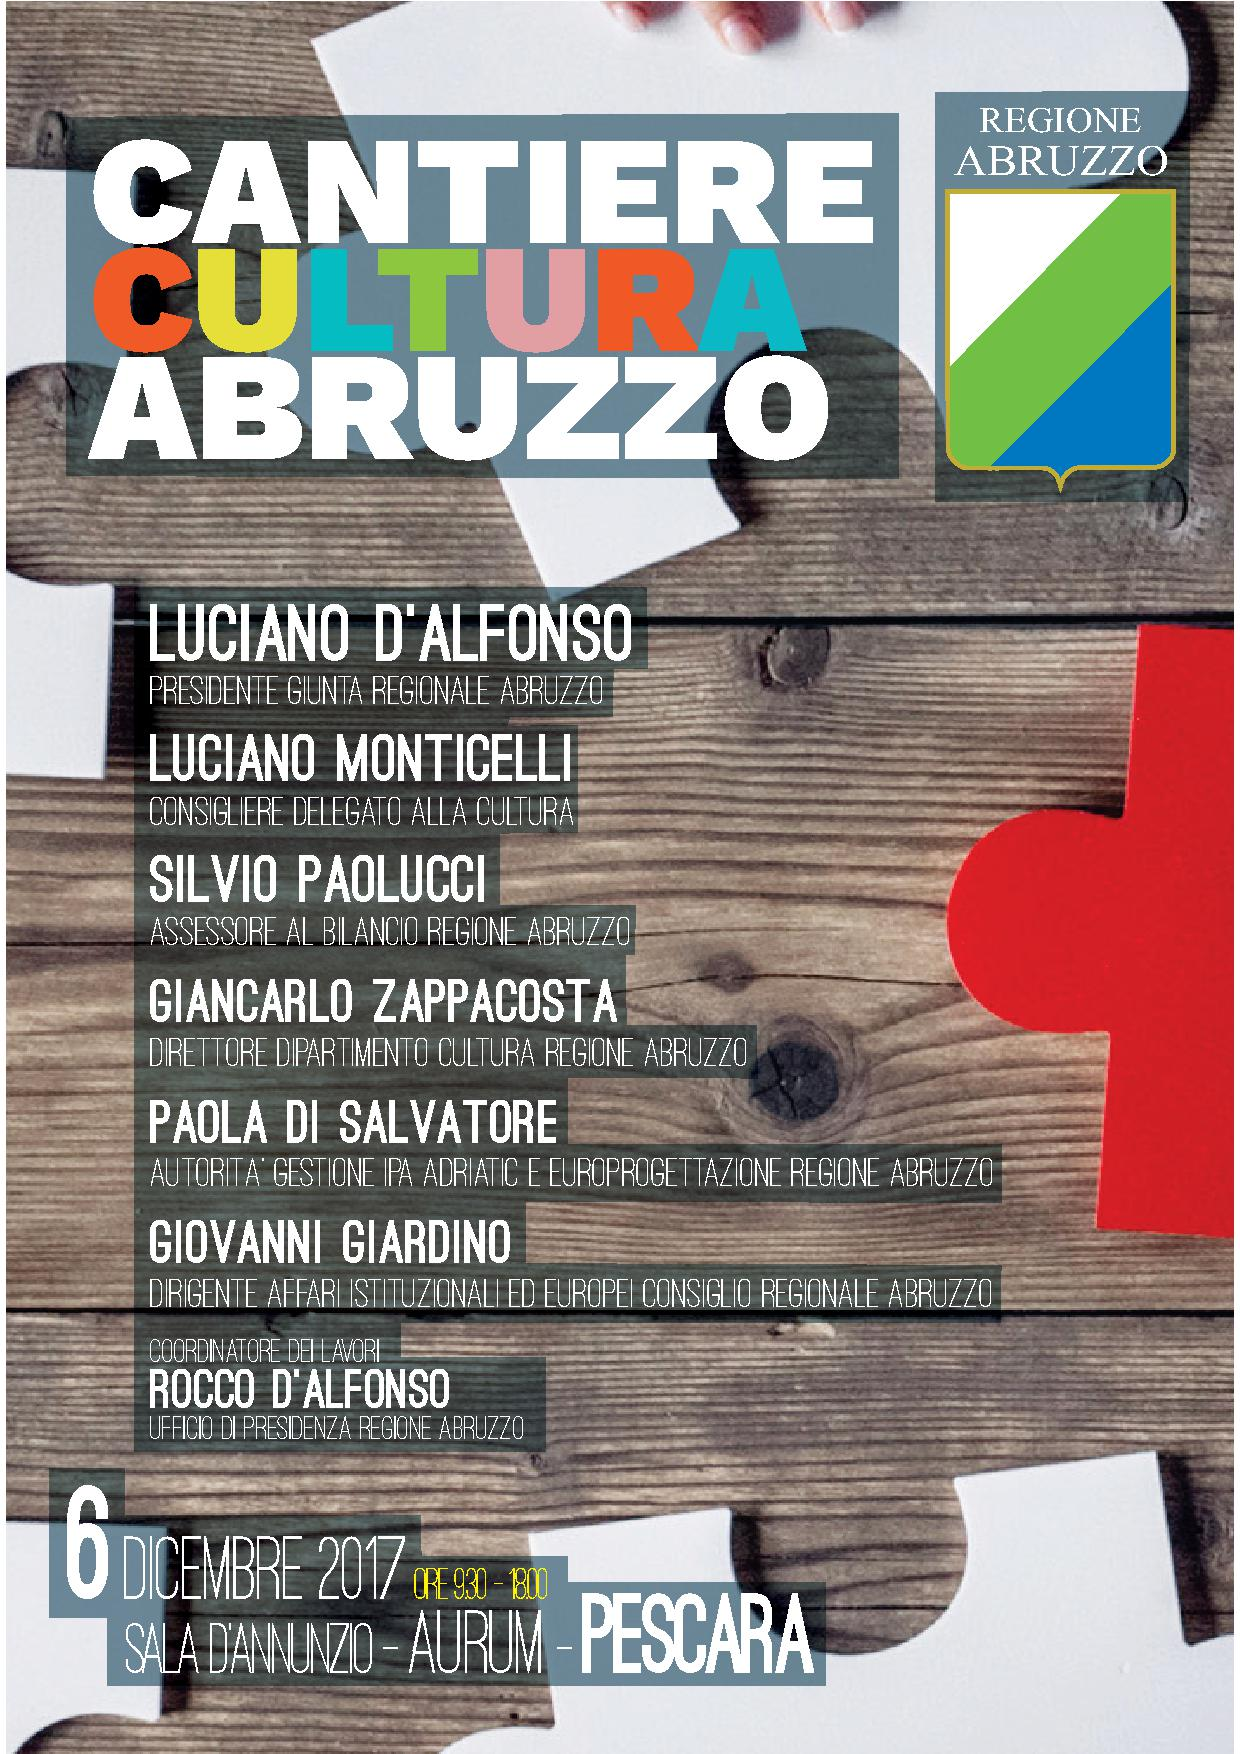 Cantiere Cultura Abruzzo